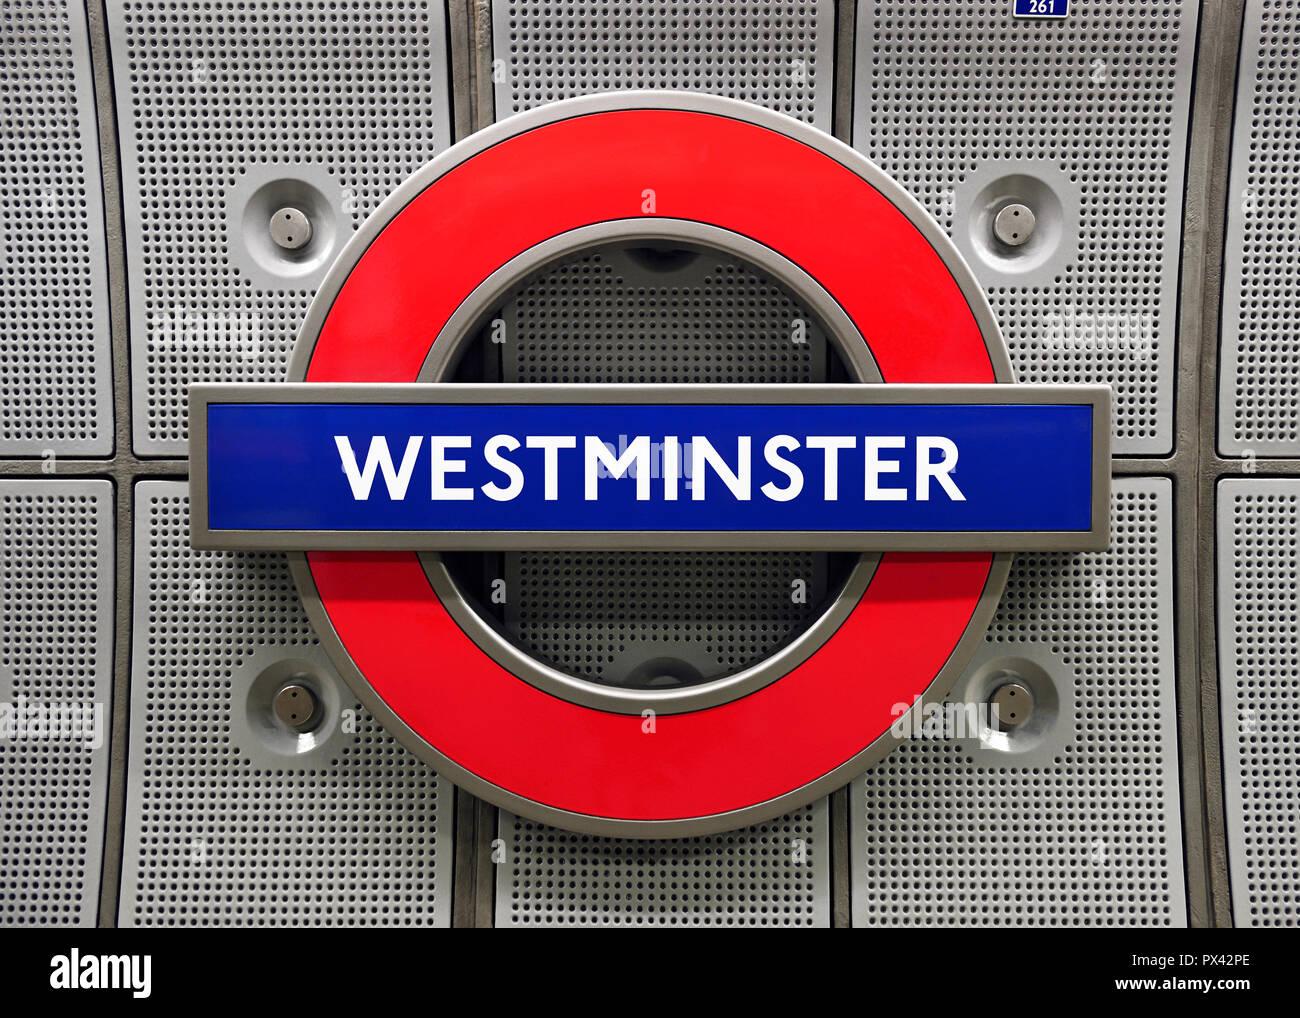 Westminster Underground Station Sign. London, United Kingdom. - Stock Image